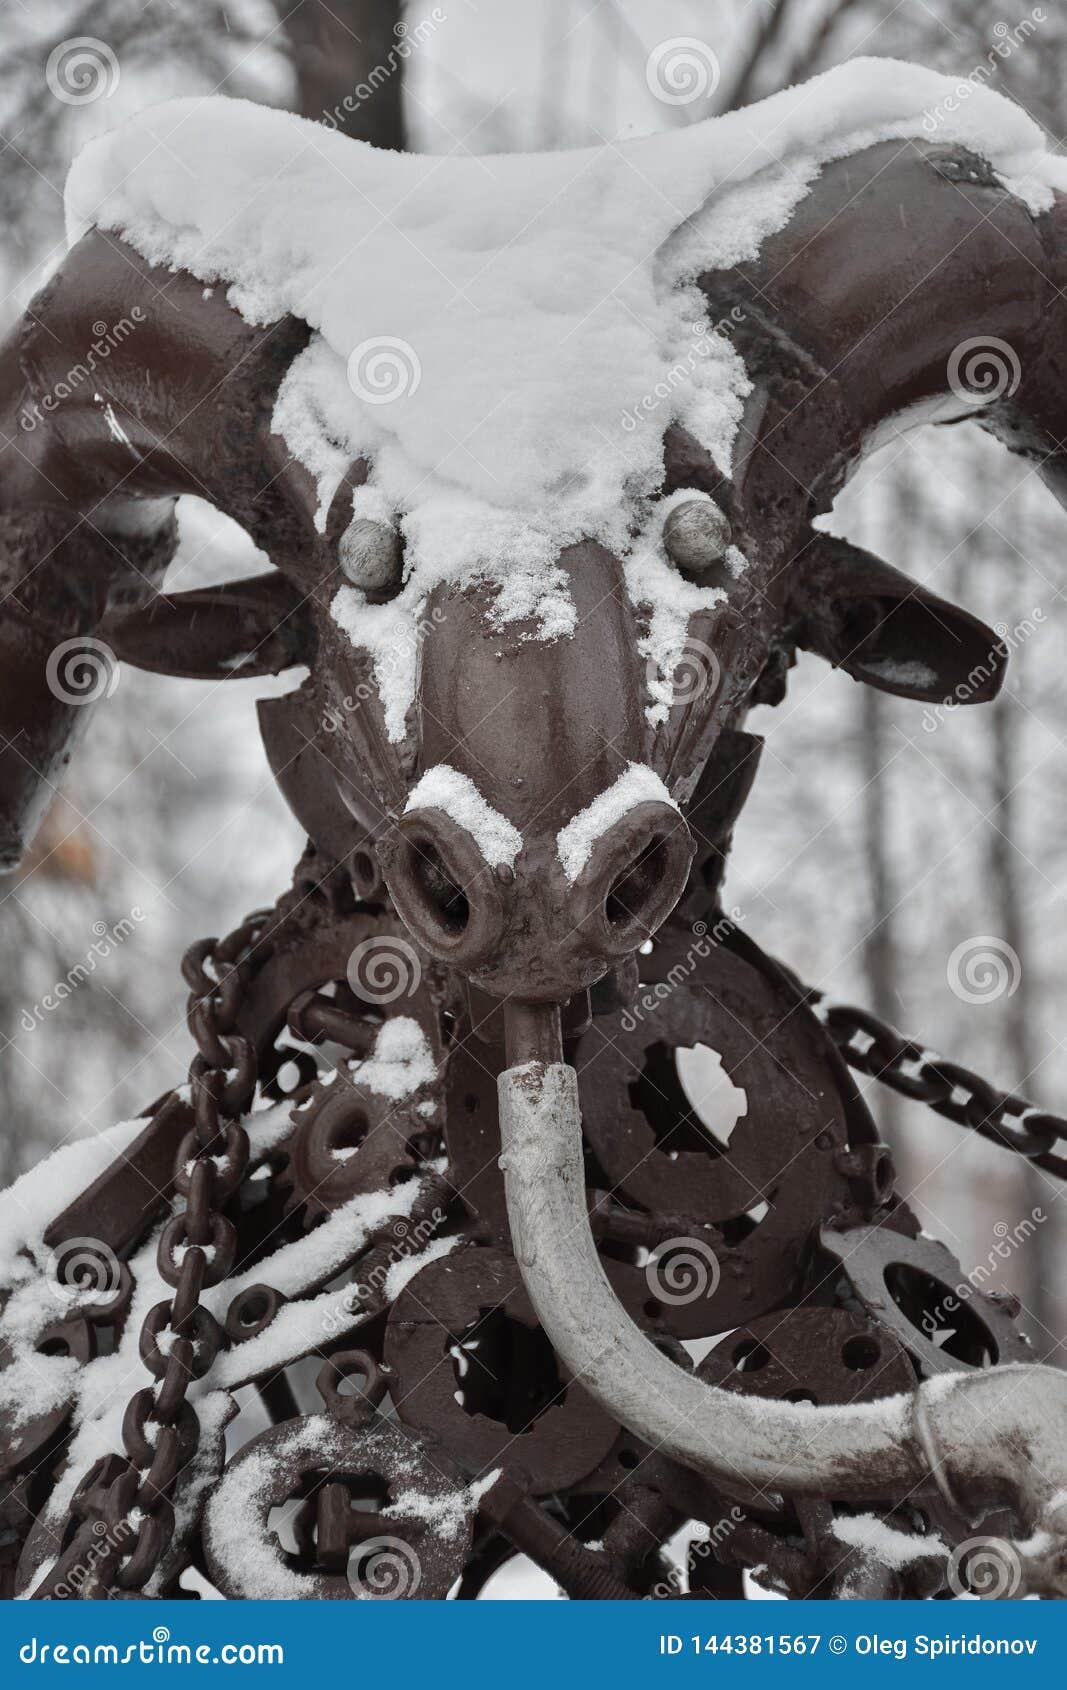 Bronzesteinbockzahl im Schnee